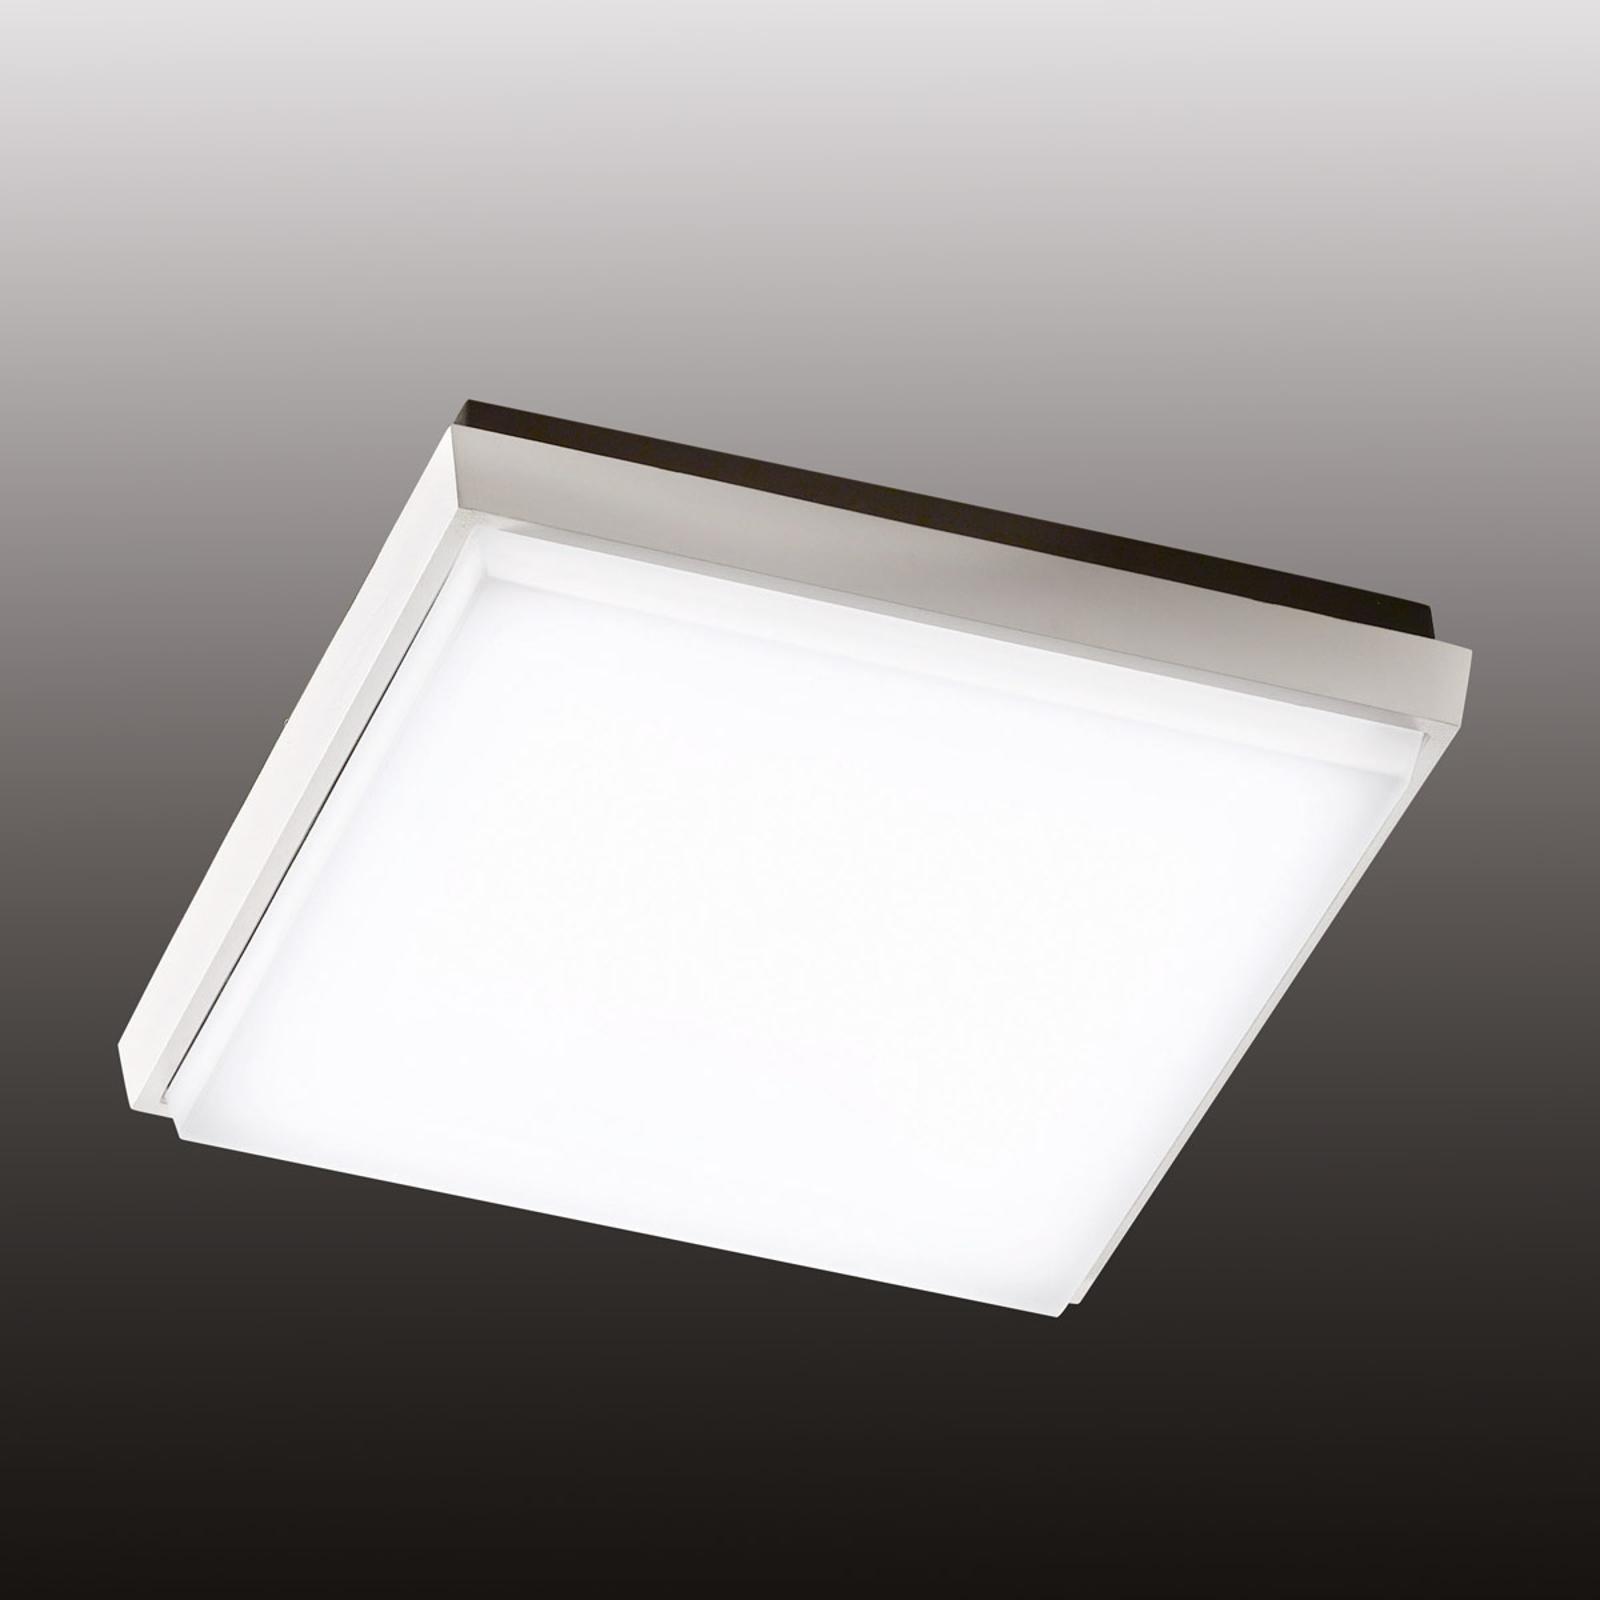 Plafón LED para exterior Desdy cuadrado